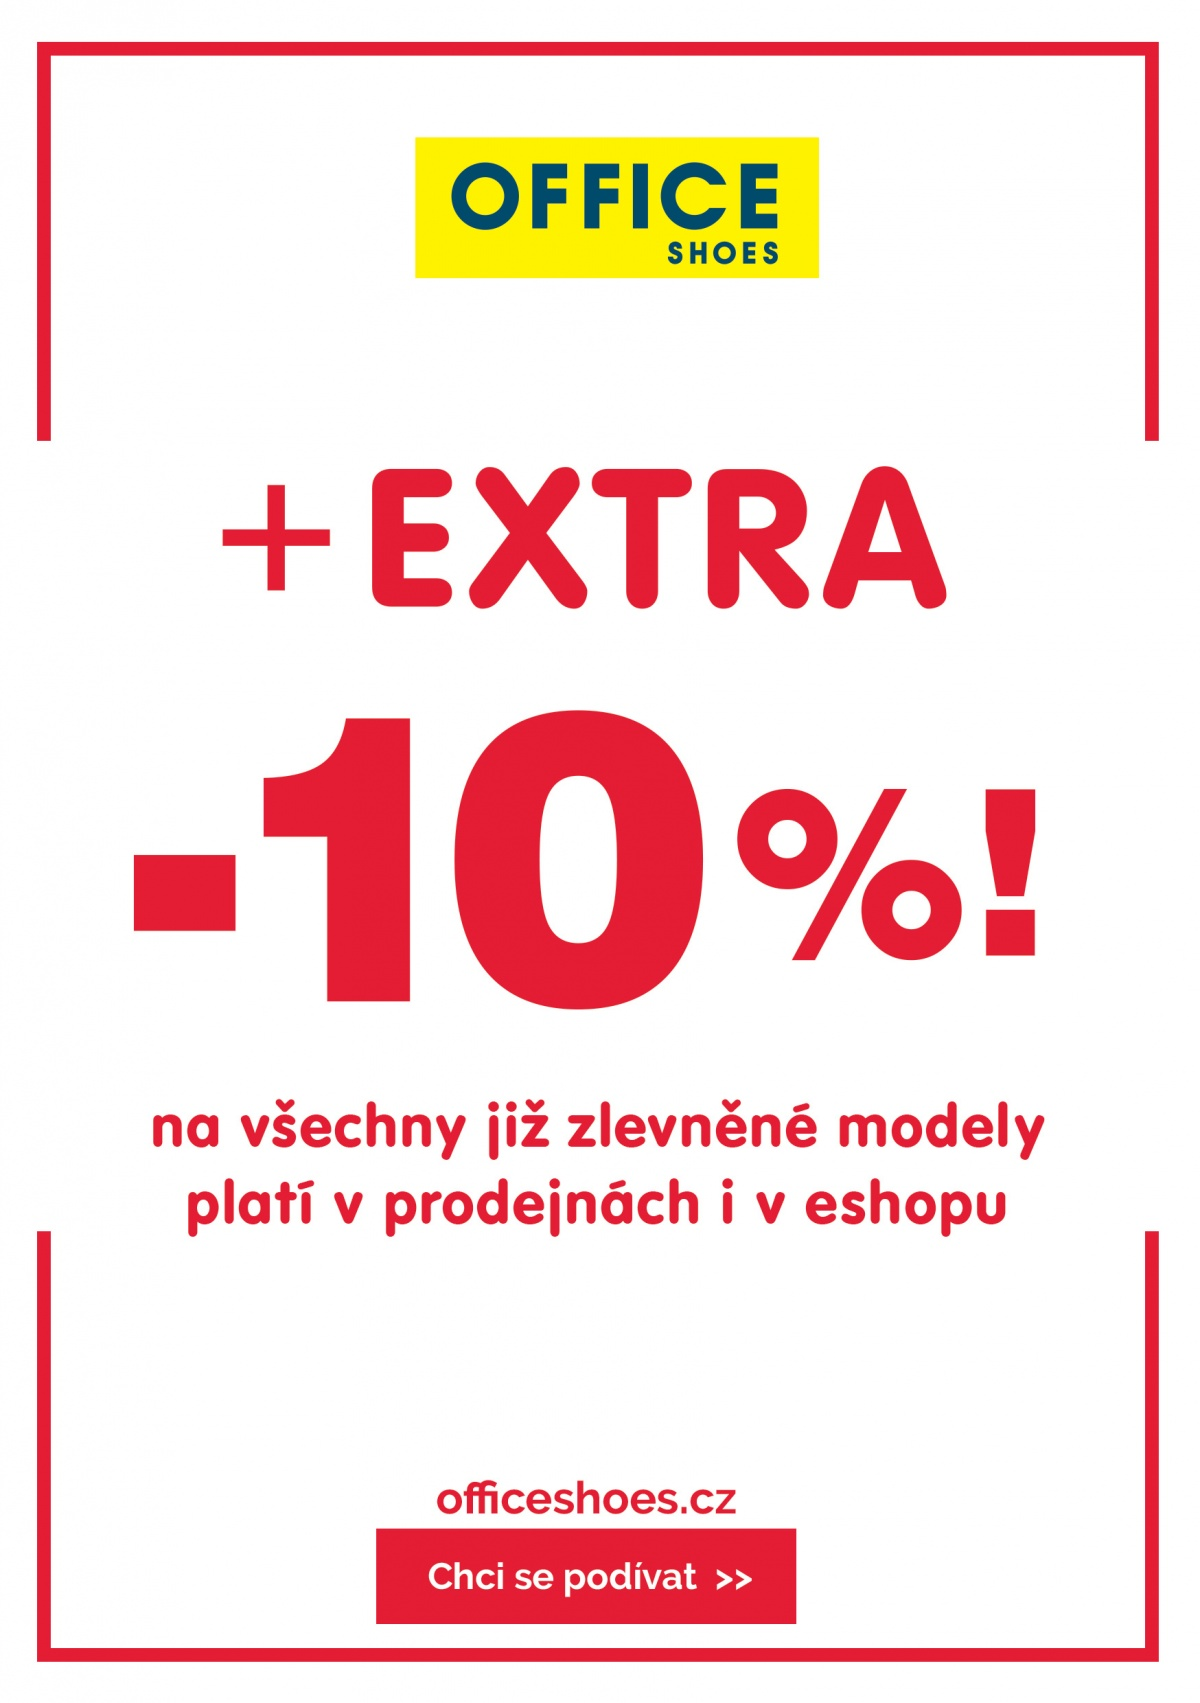 0a554a0ab8 Zlaté jablko - V Office Shoes jsme přidali EXTRA slevu -10%!